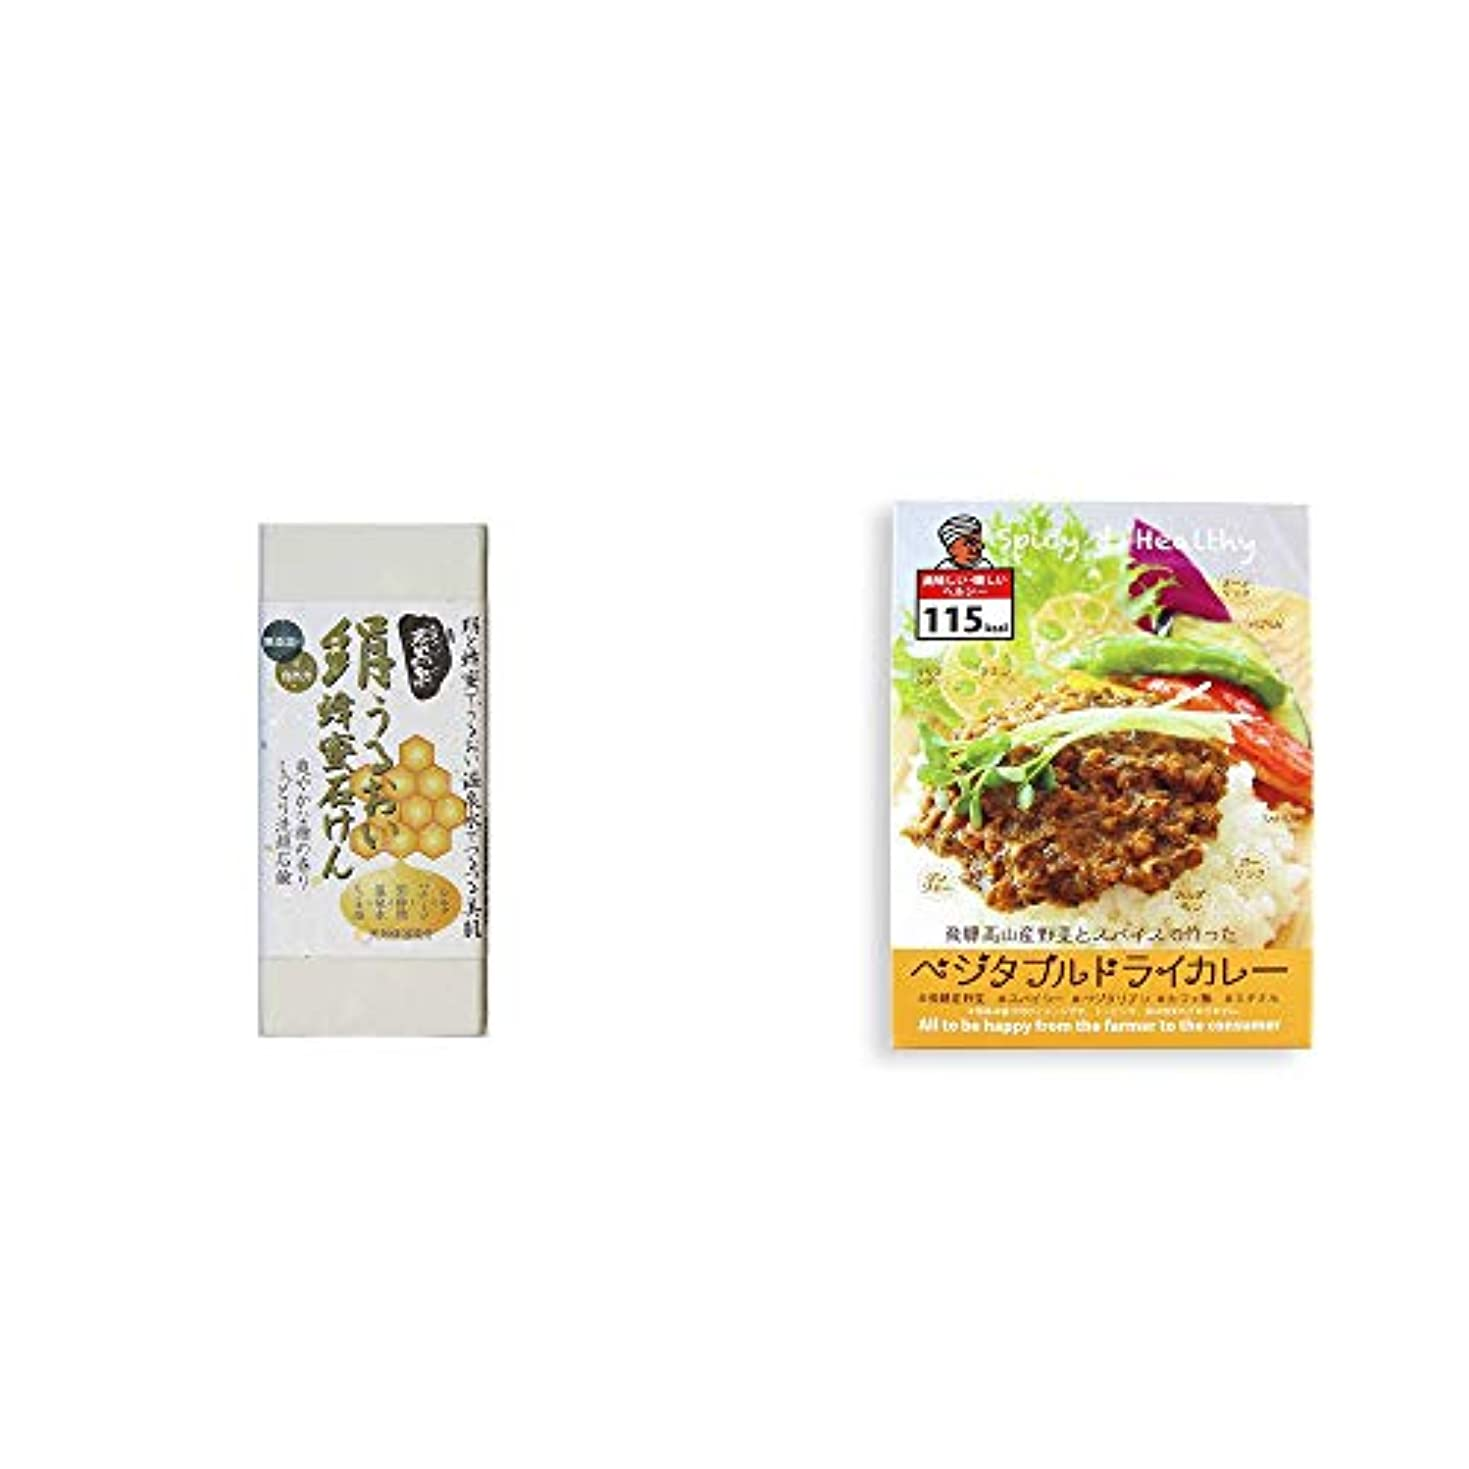 ヒューズ芸術的欠員[2点セット] ひのき炭黒泉 絹うるおい蜂蜜石けん(75g×2)?飛騨産野菜とスパイスで作ったベジタブルドライカレー(100g)